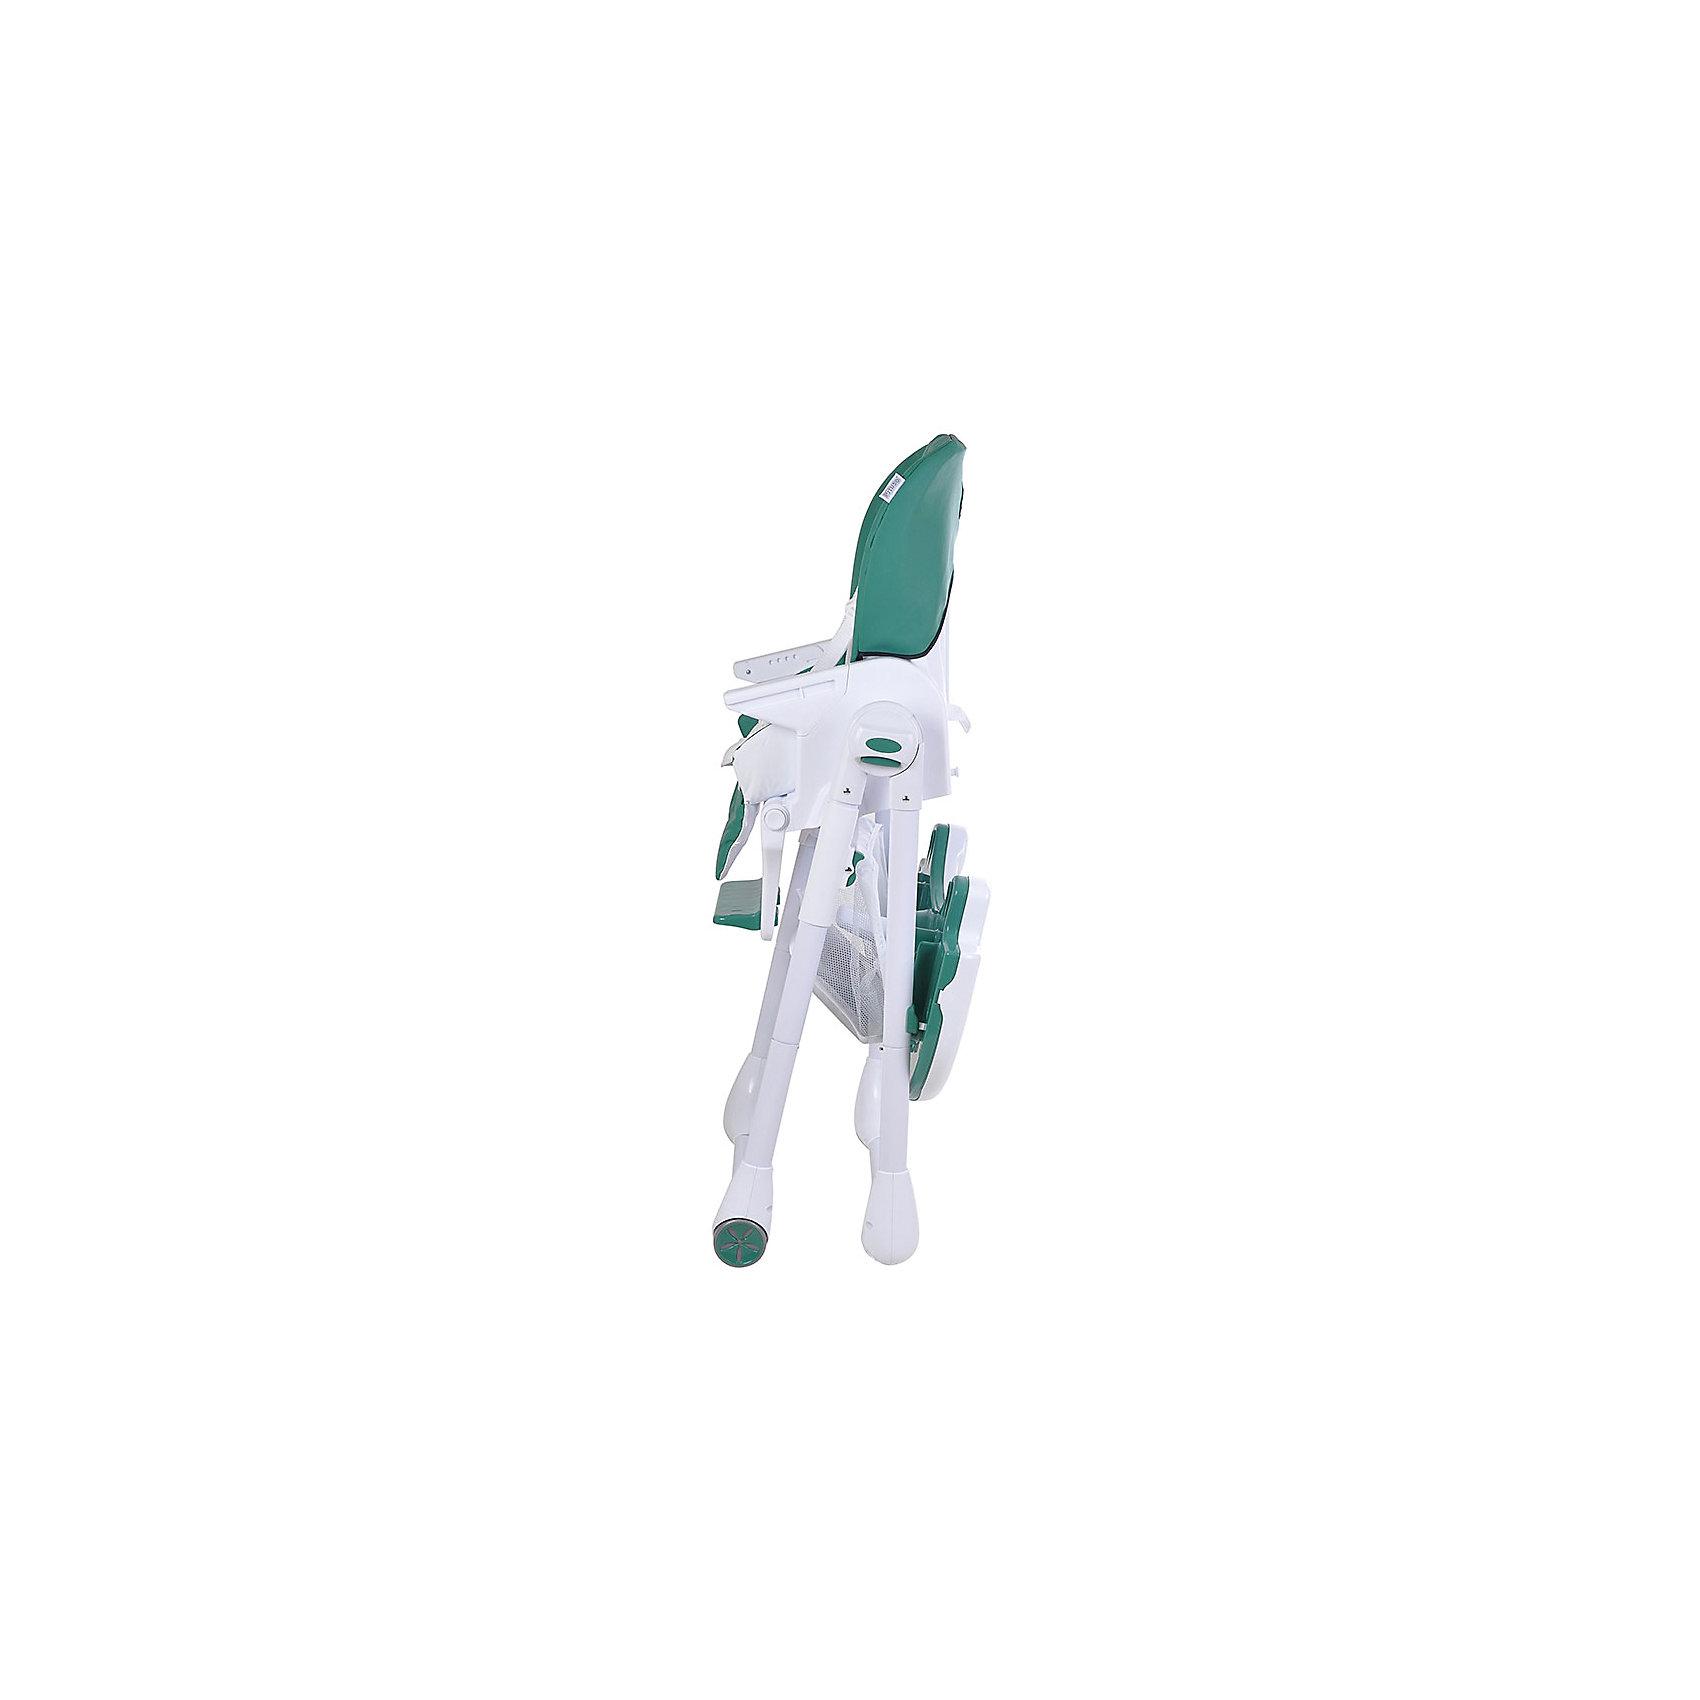 Стульчик для кормления ELCANTO, Pituso, ECO кожа, зеленый